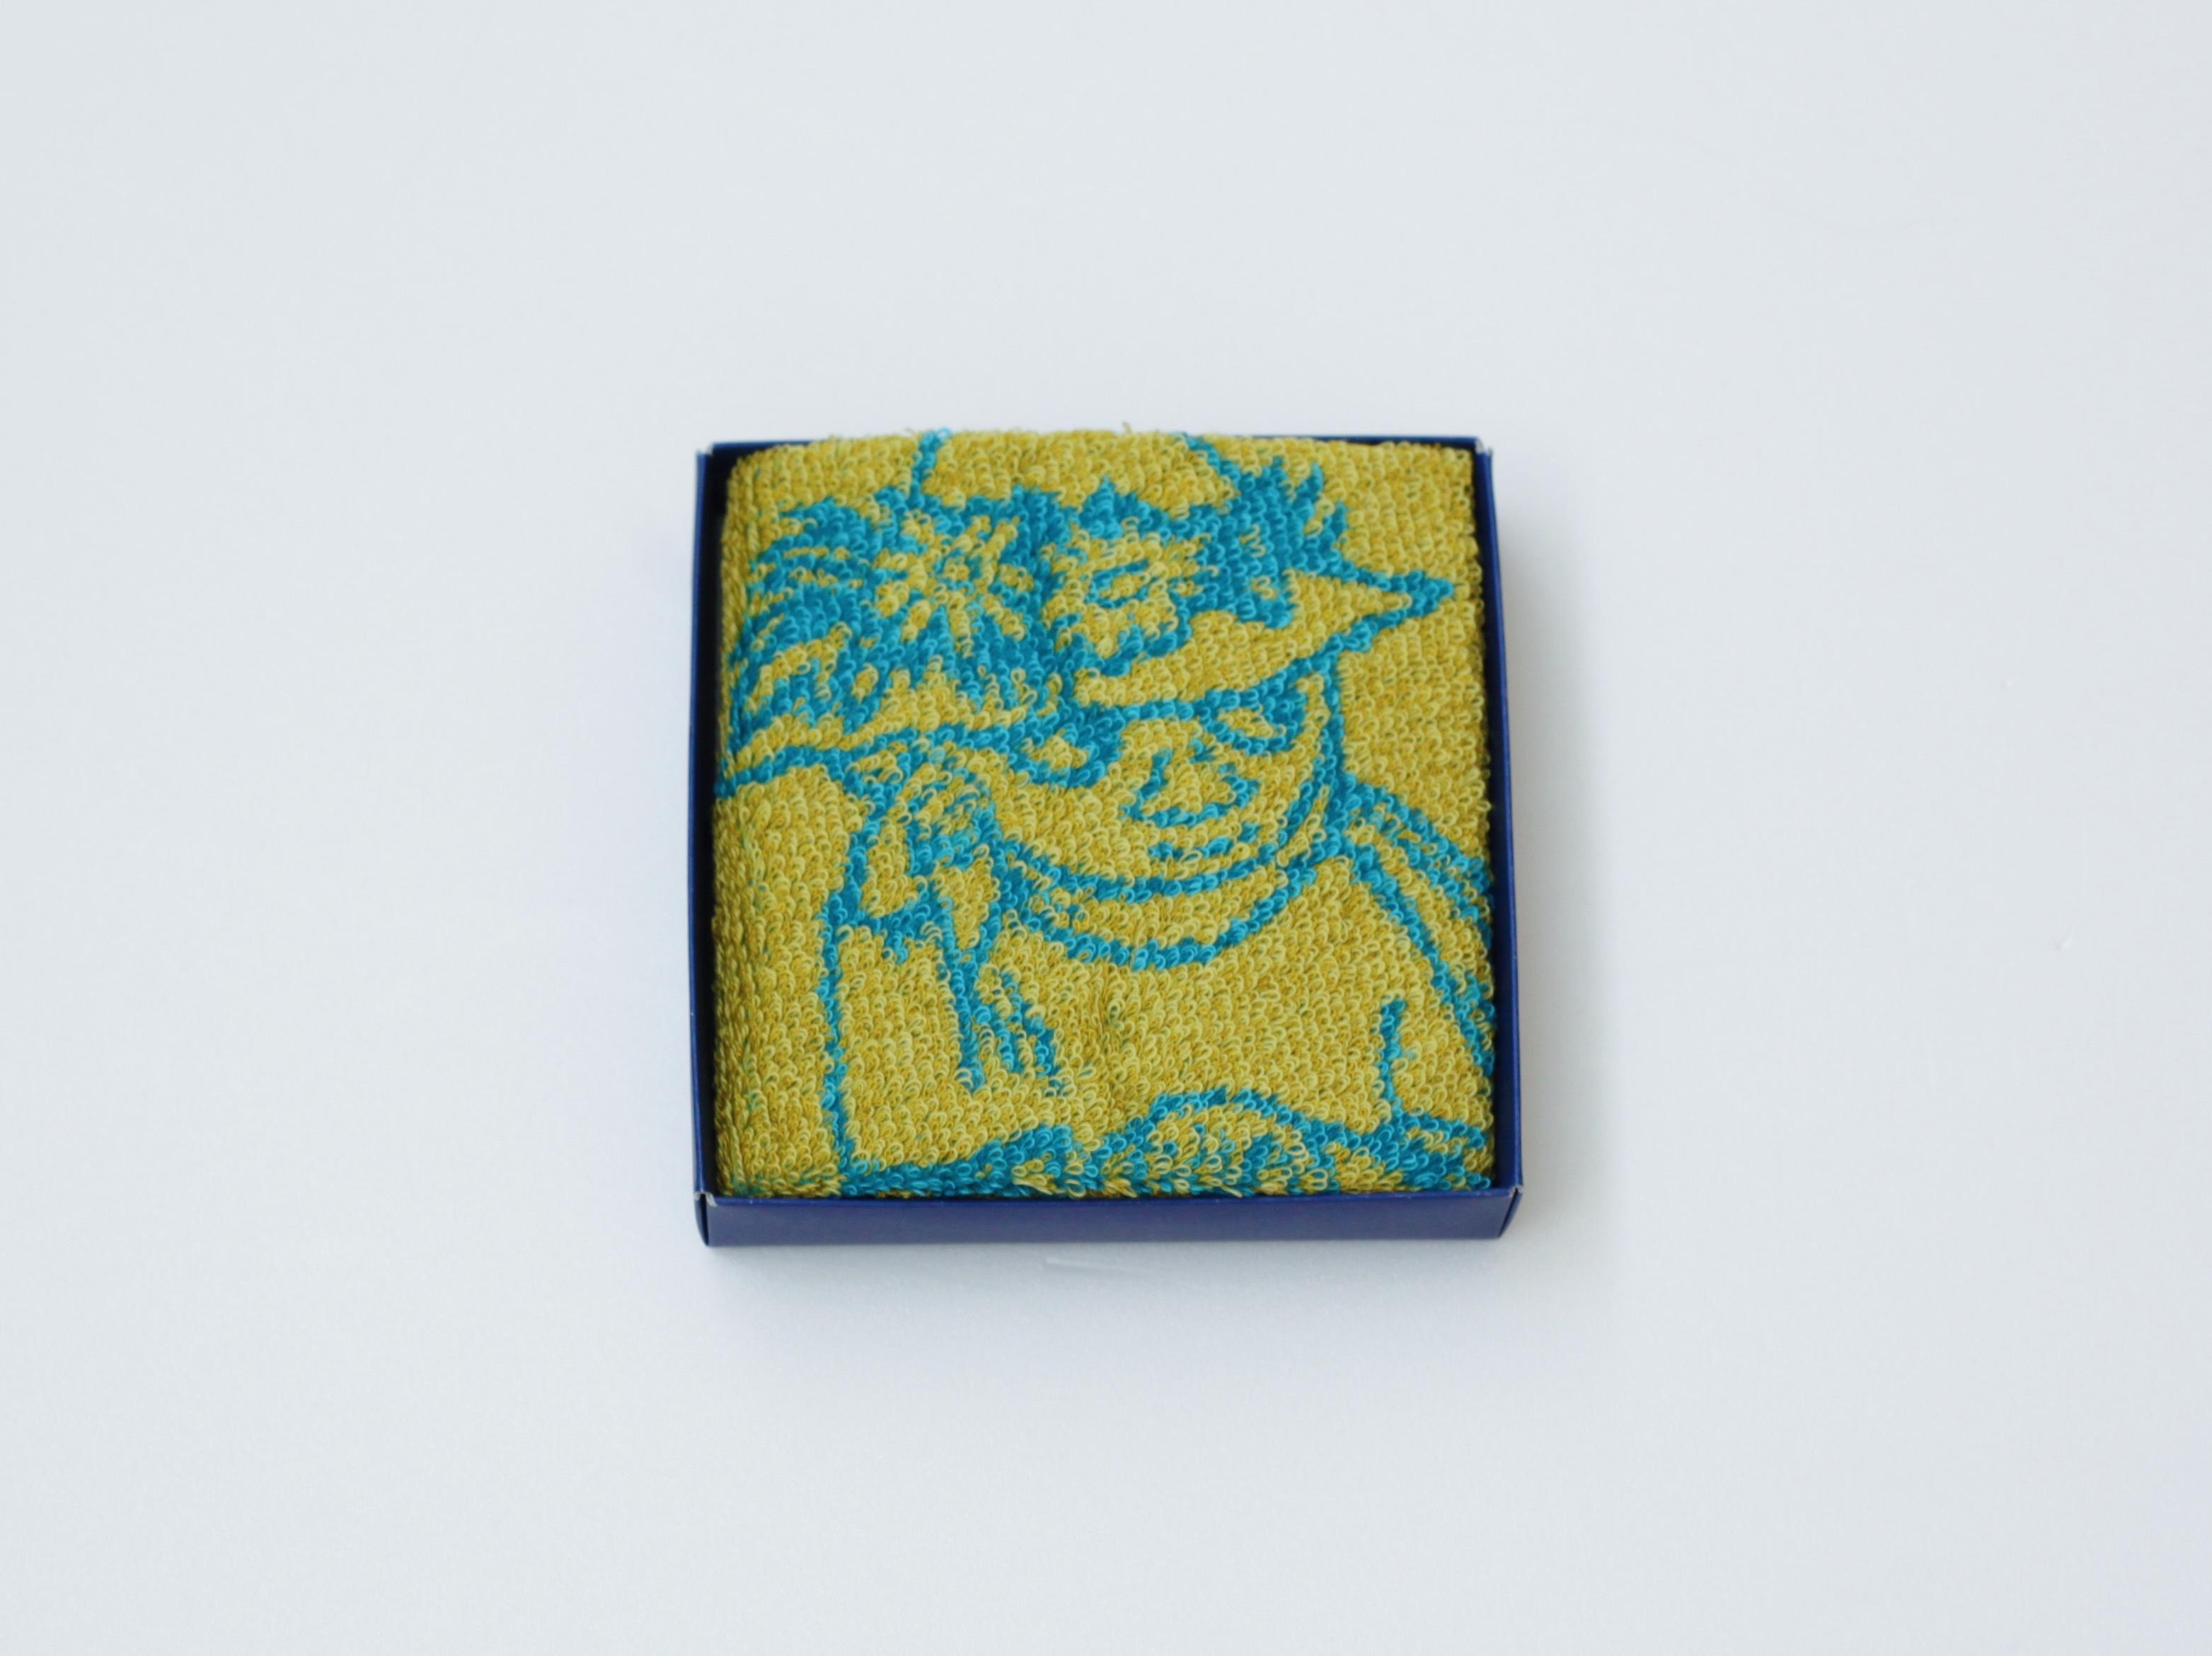 【 TOWEL THINK LAB(タオルシンクラボ)ムーミン×Hippopotamus(ヒポポタマス)】ギフトセット  ウォッシュタオル ×1